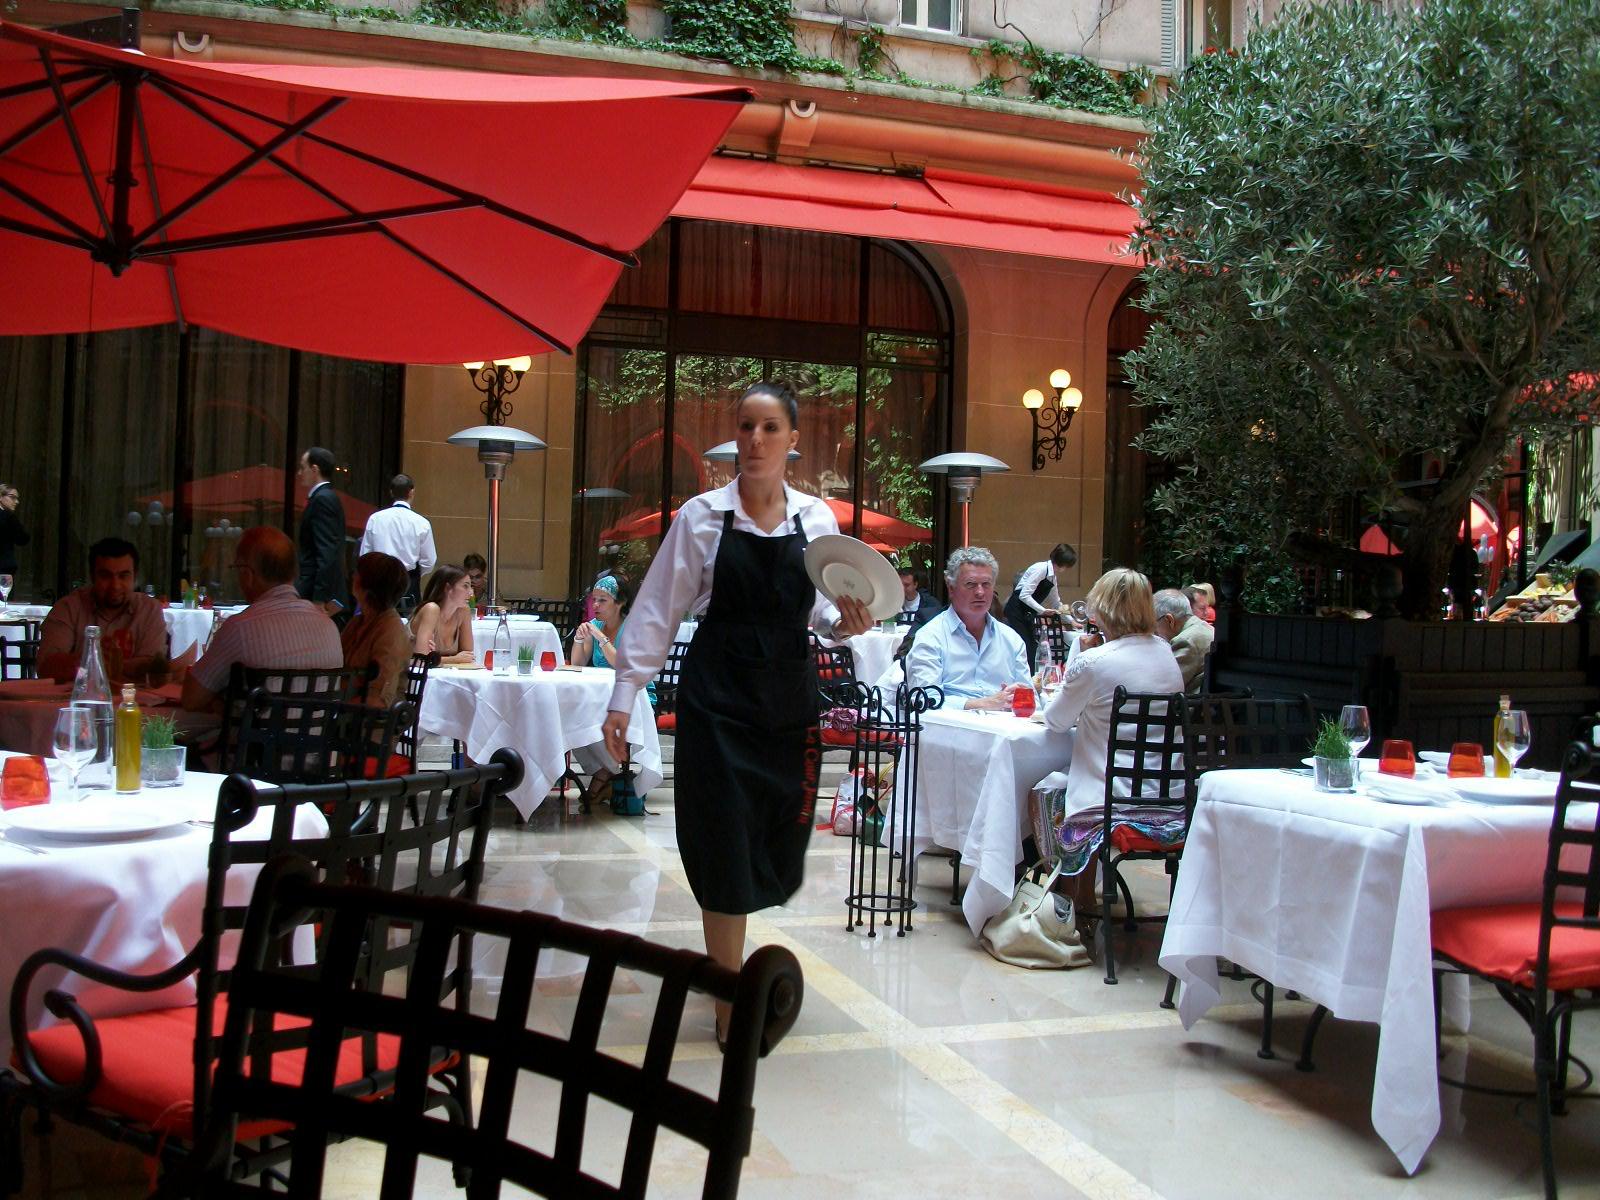 La cour jardin au plaza ath n e restaurant paris 8e for Restaurant au jardin paris